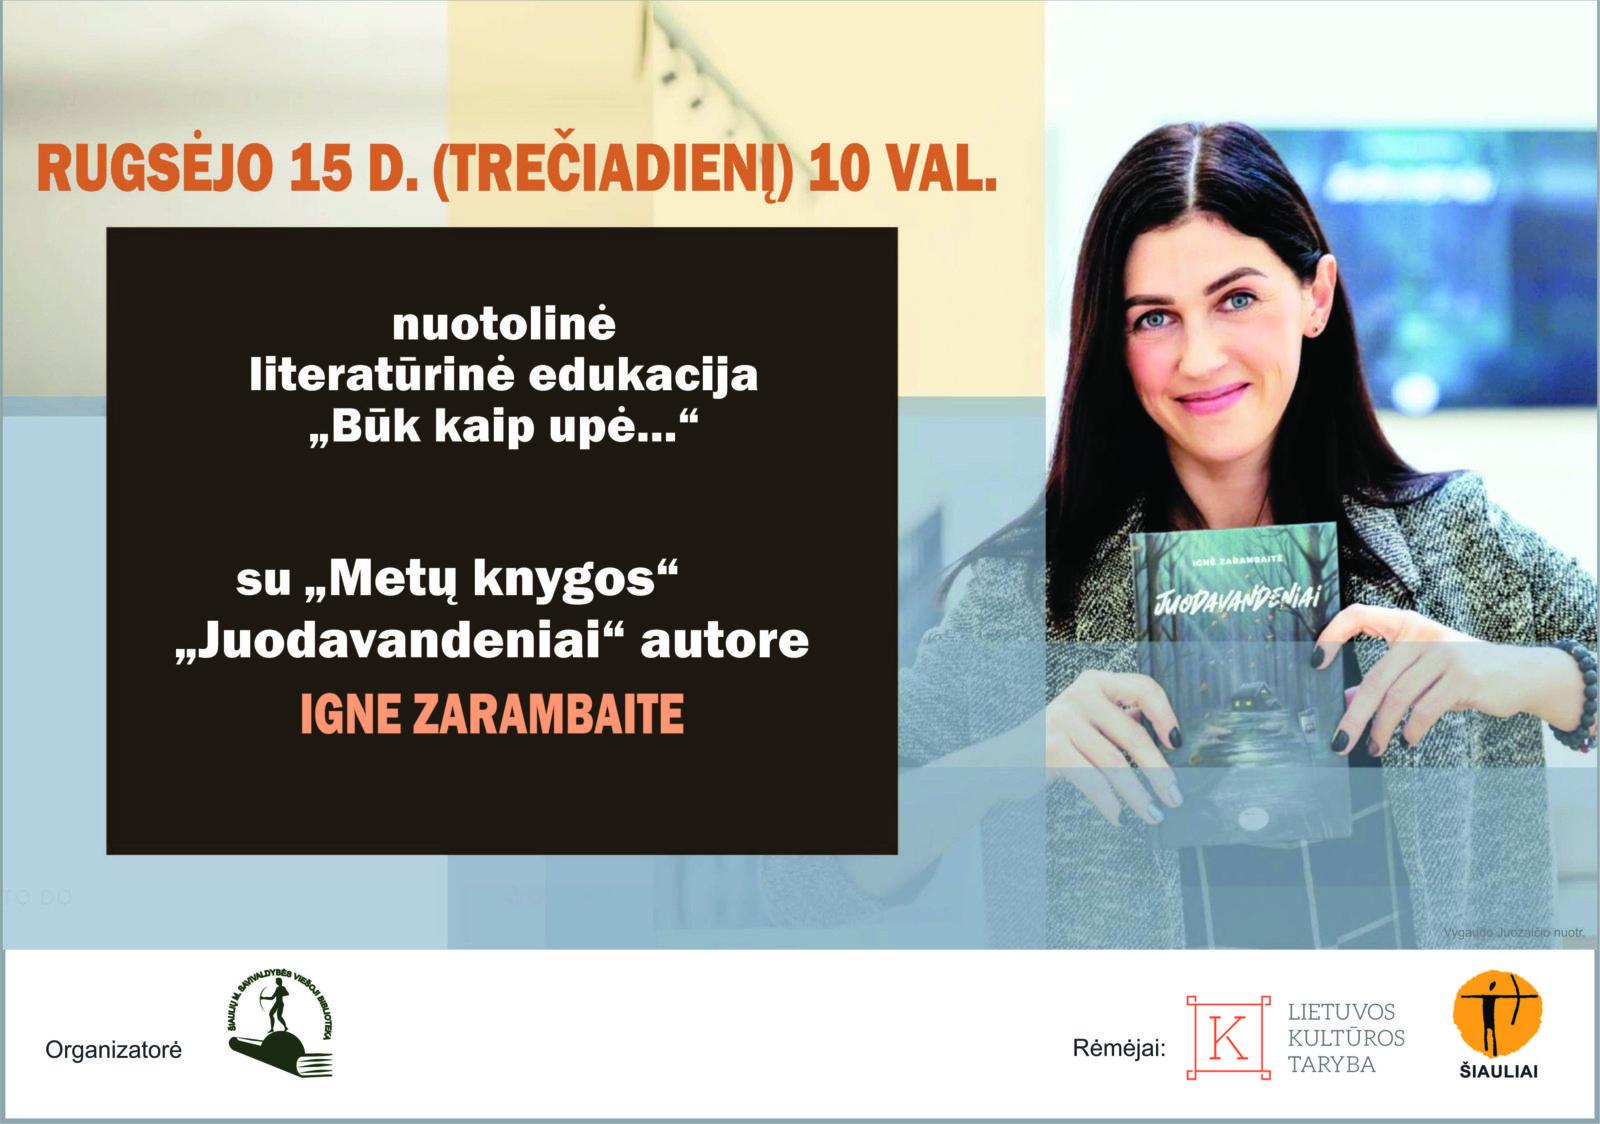 Nuotolinis susitikimas su rašytoja Igne Zarambaite